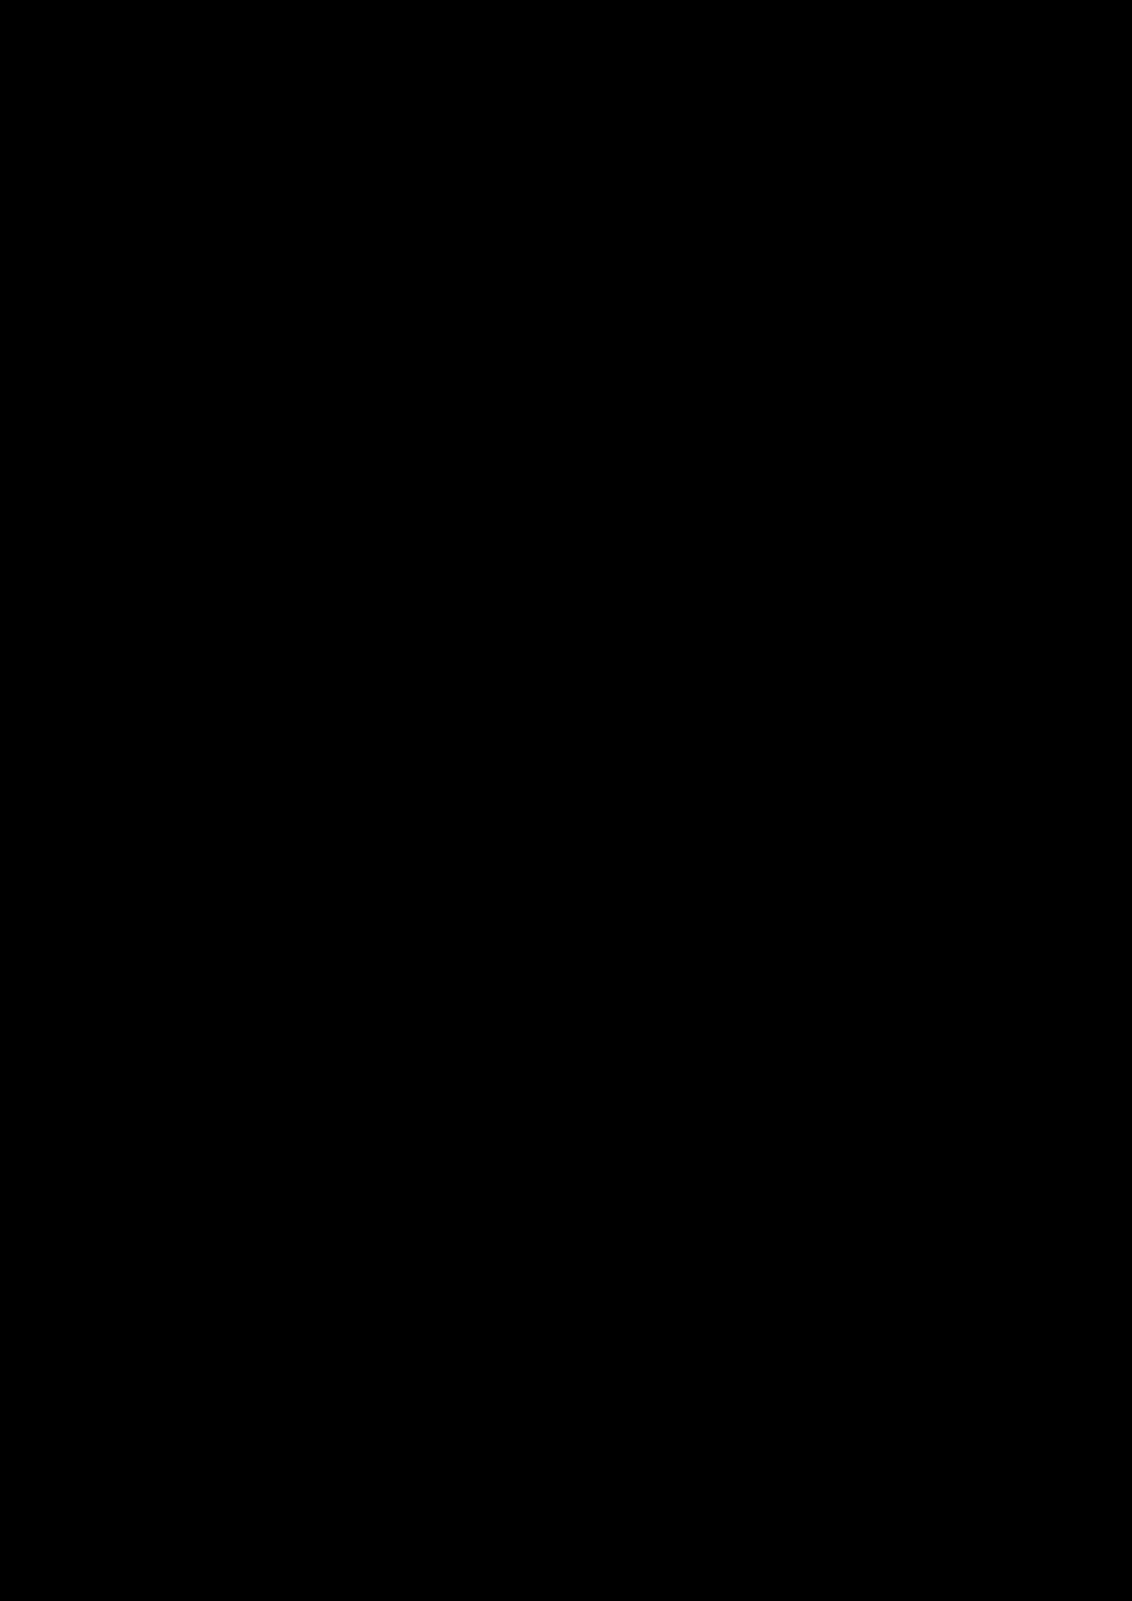 Prolog slide, Image 37